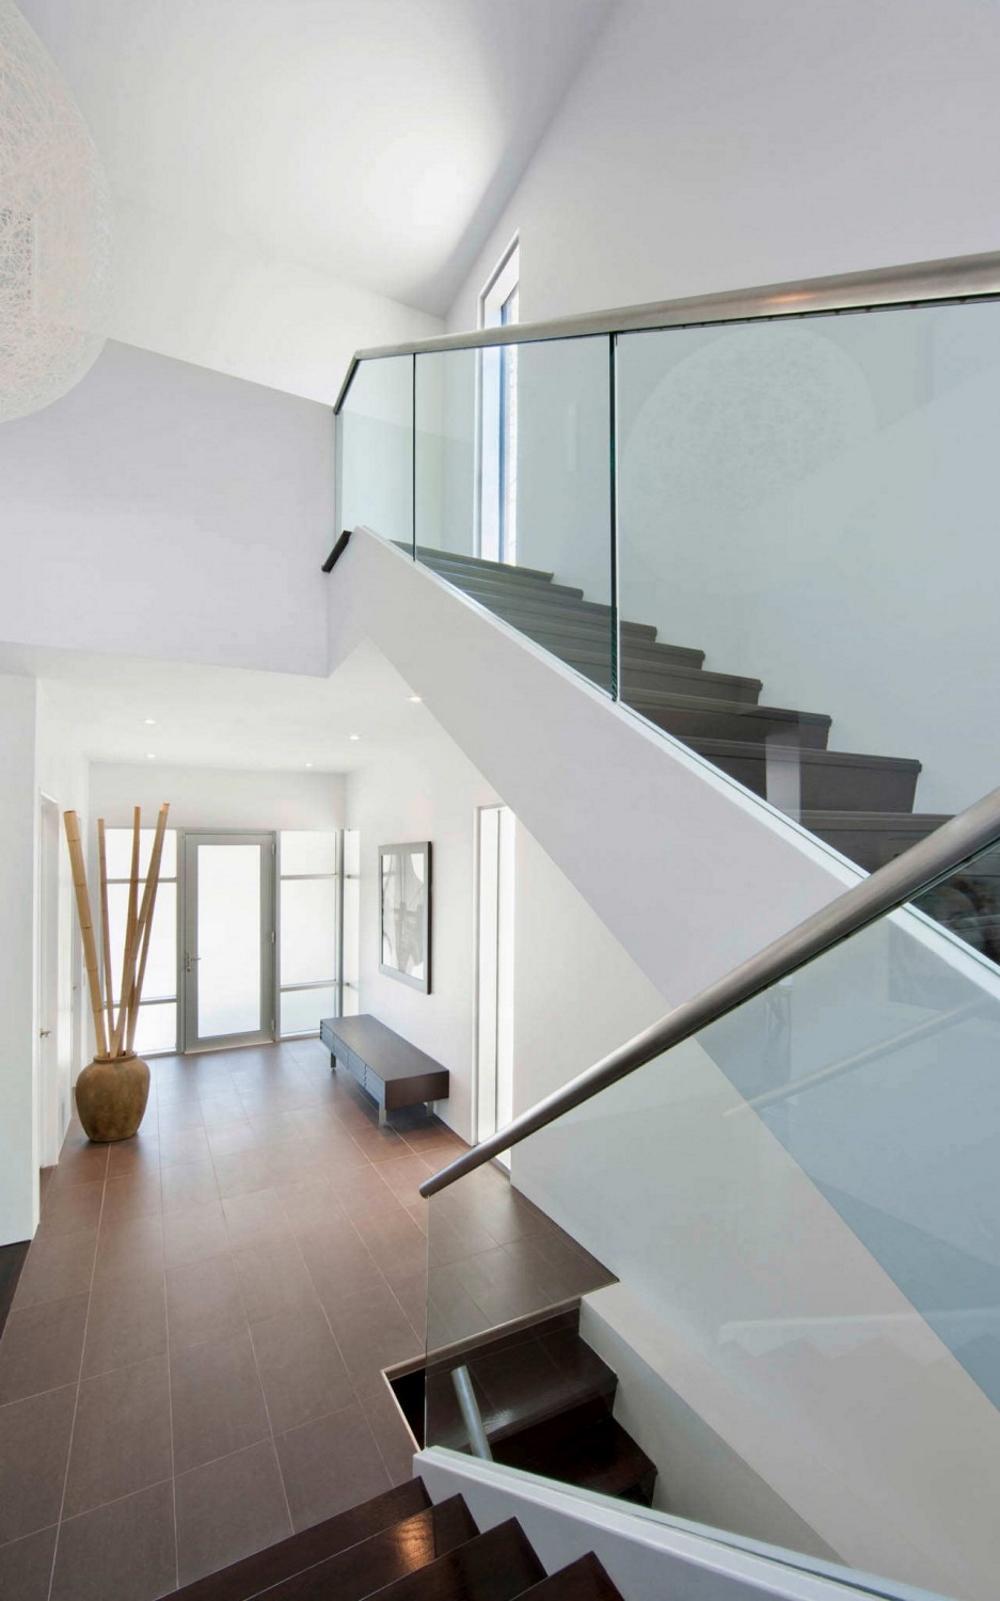 Къща-с-модерна-архитектура-и-минималистичен-интериор-вътрешно-стълбище